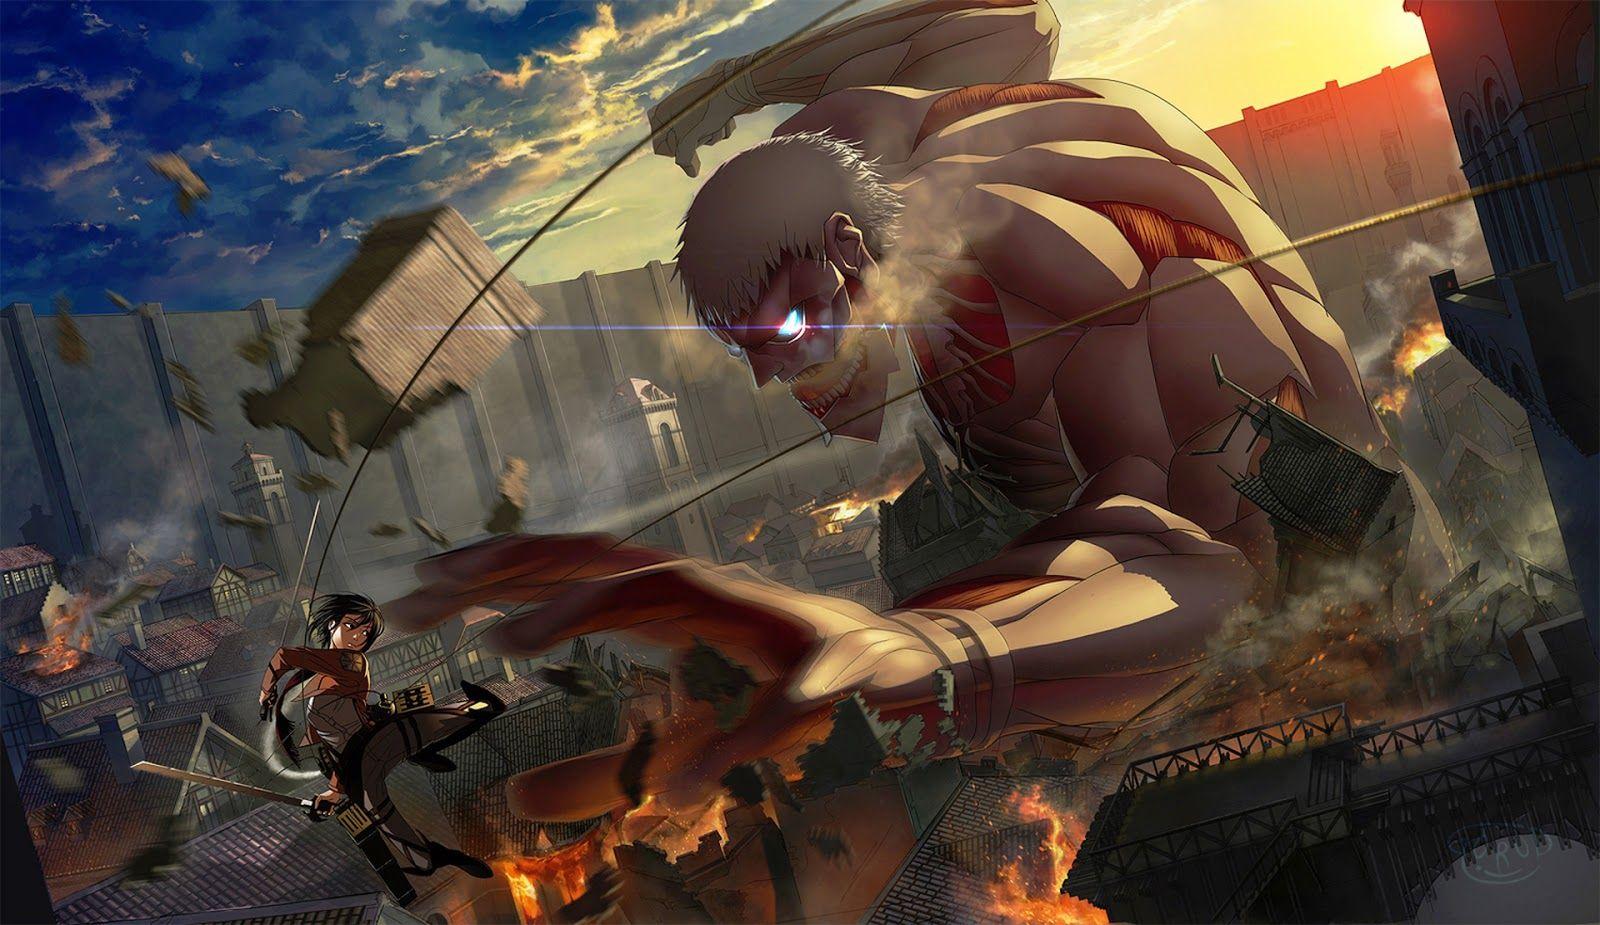 Definitely A Great Fight Scene Concept Attack On Titan Art